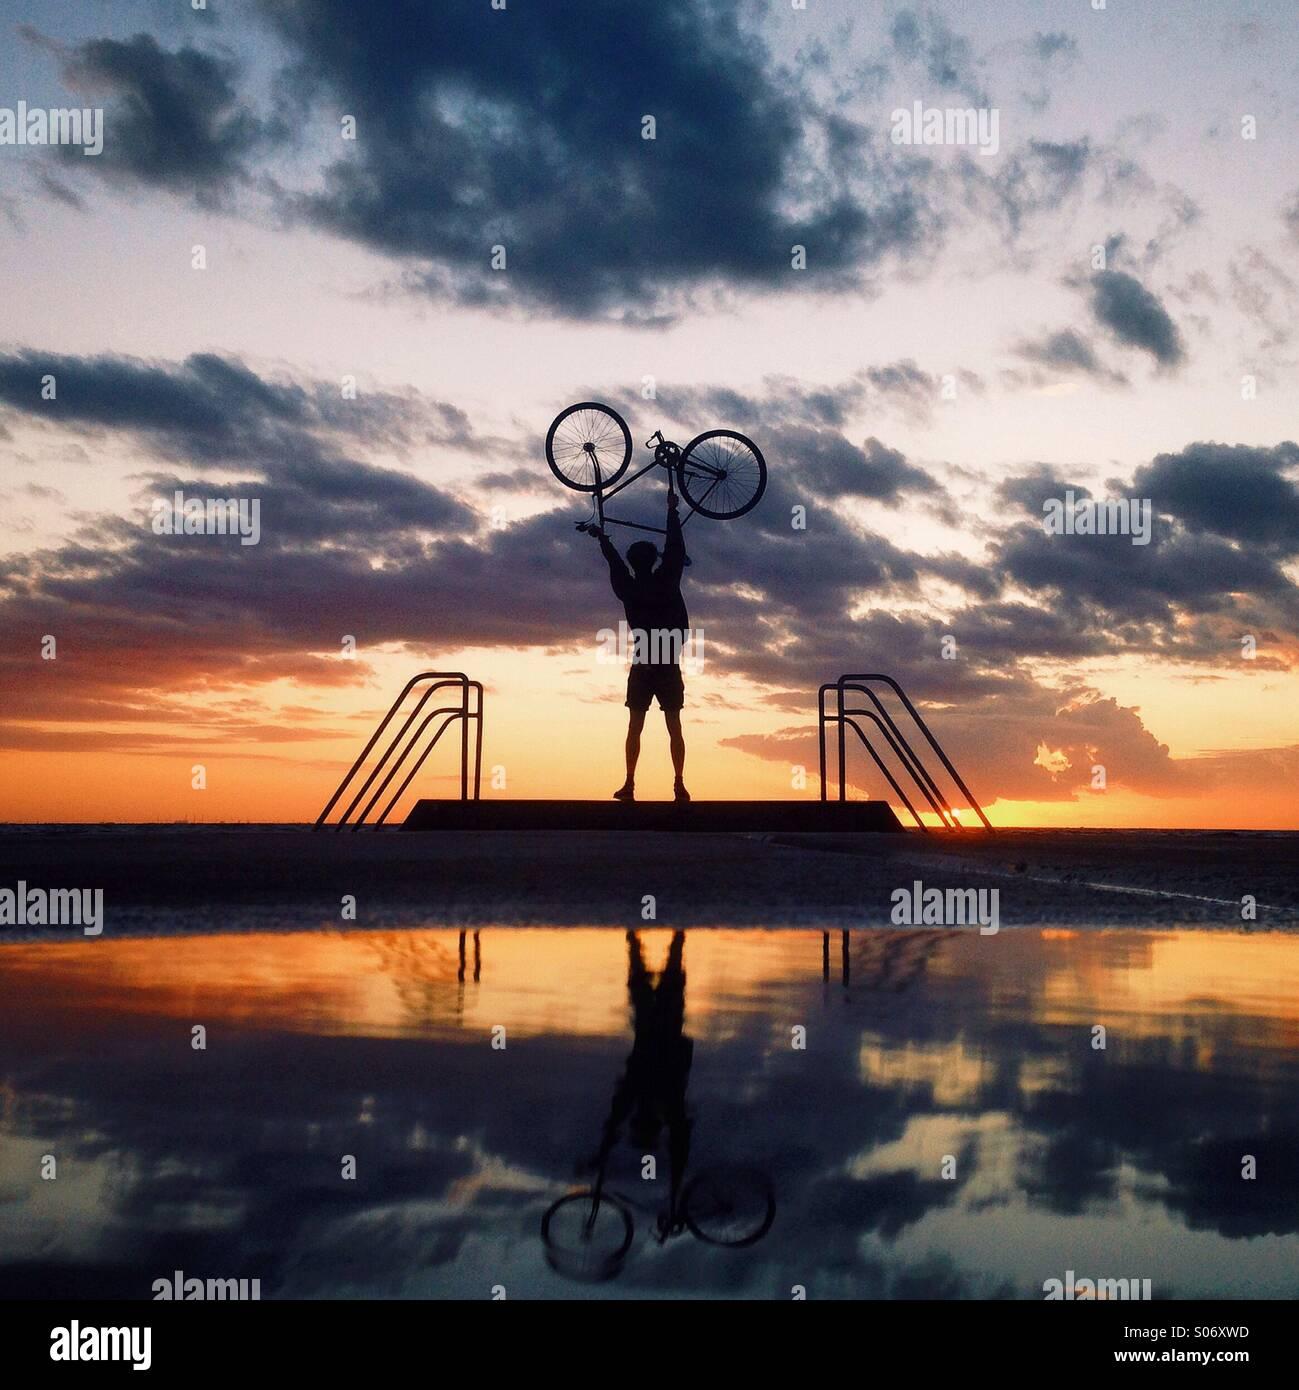 Sunset reflection. - Stock Image